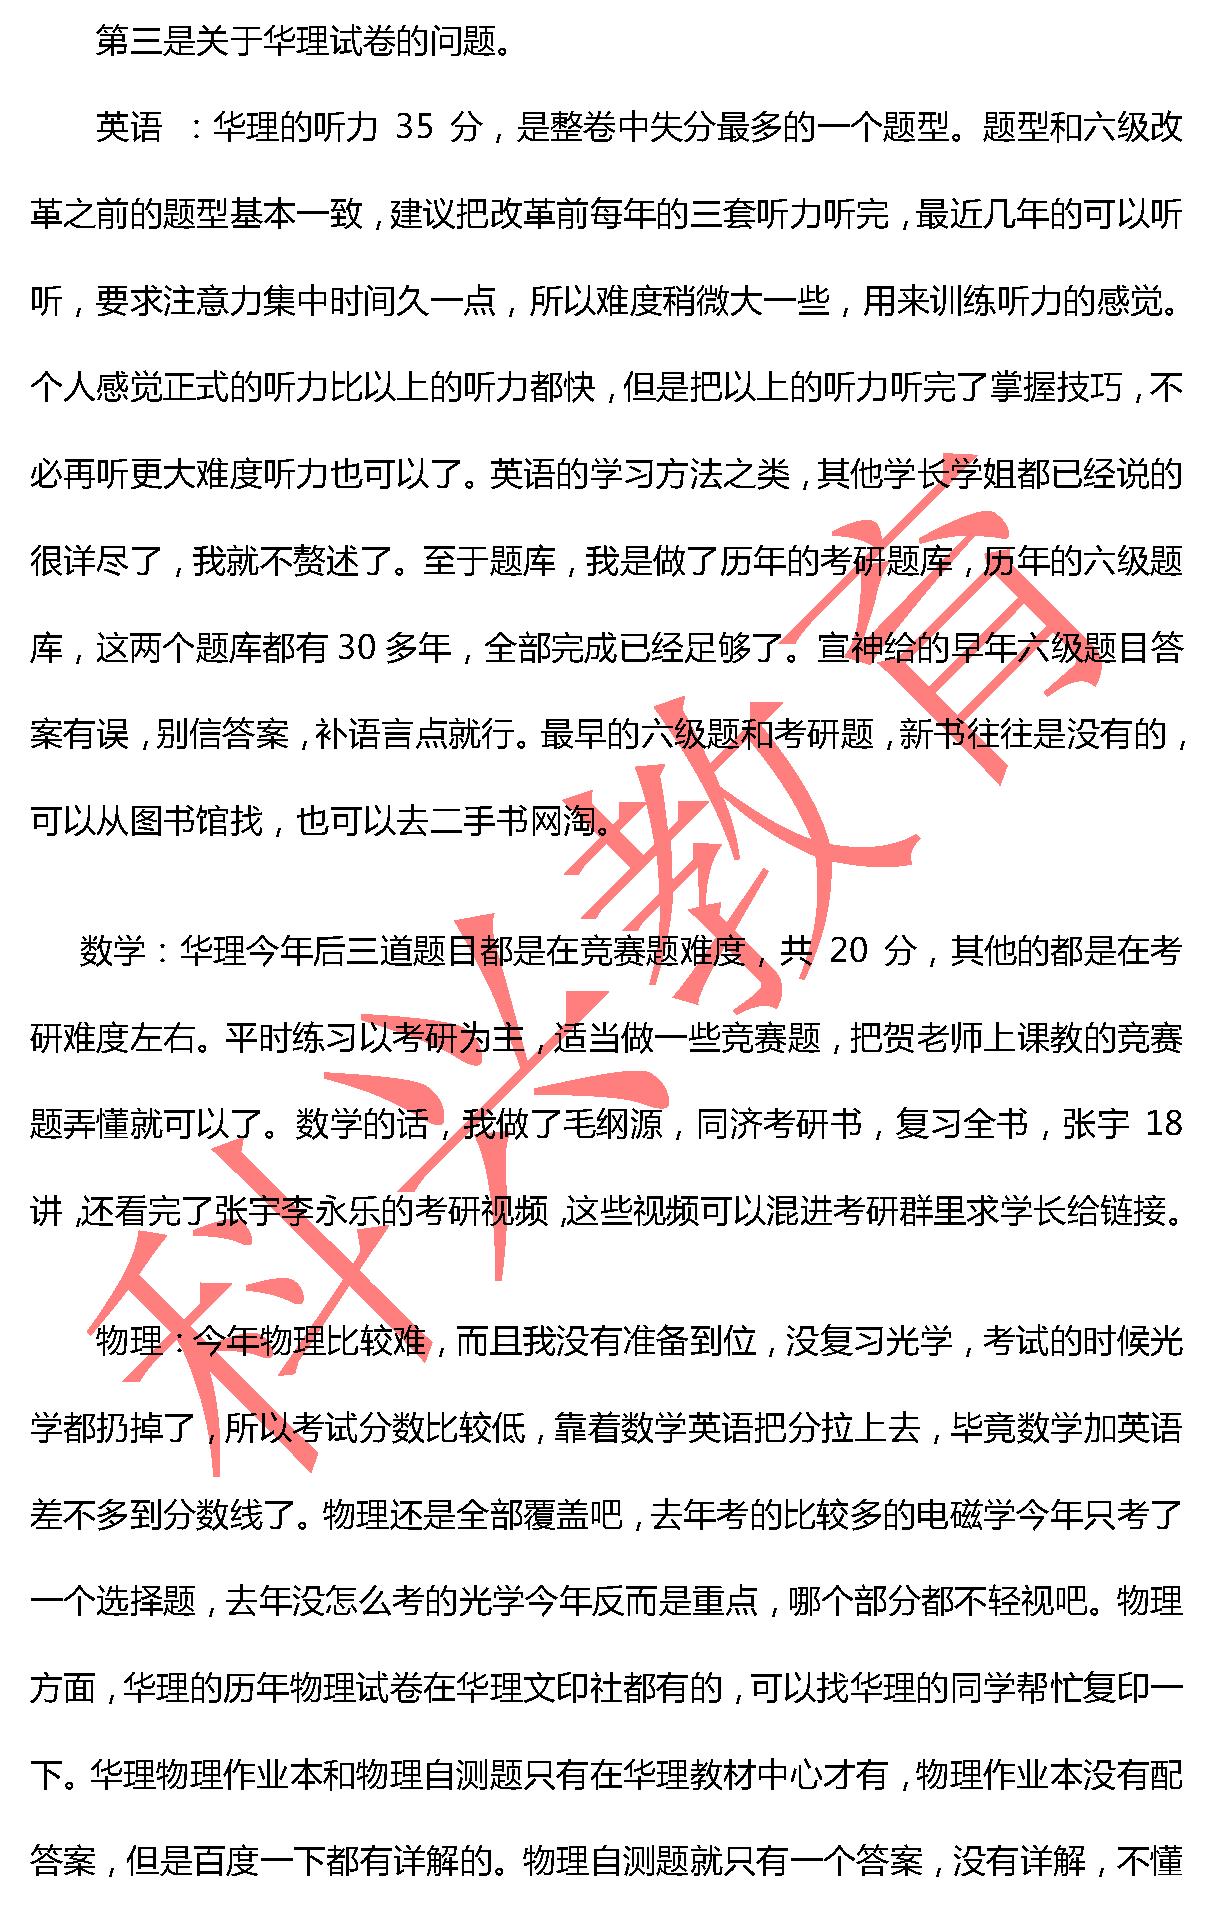 华东理工任昱鑫:过往不恋,将来可依(17届)